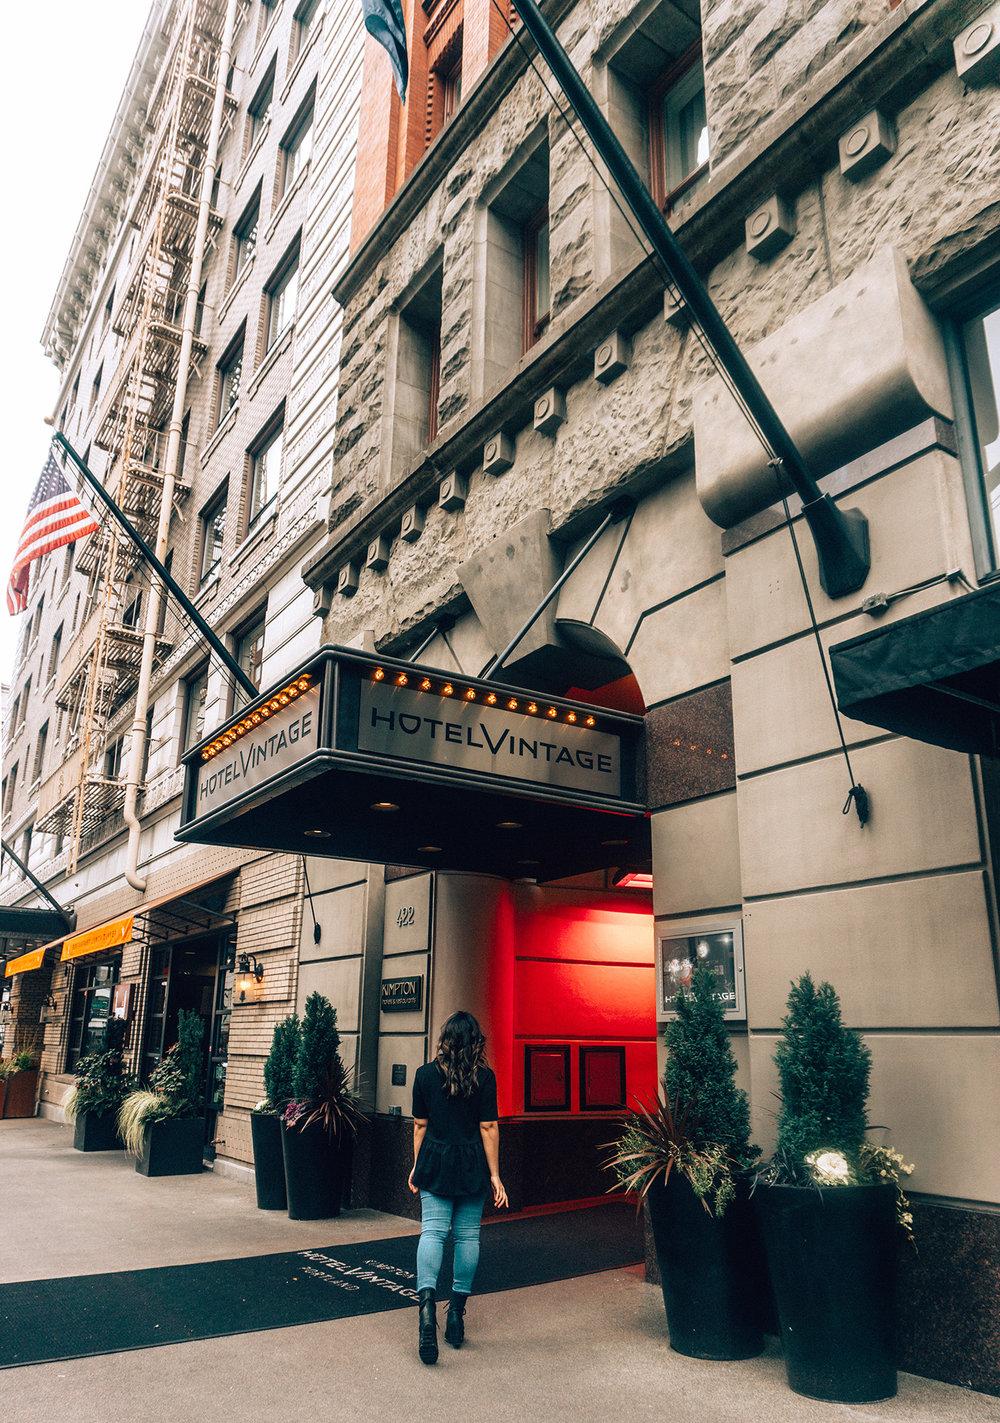 Hotel Vintage front walking